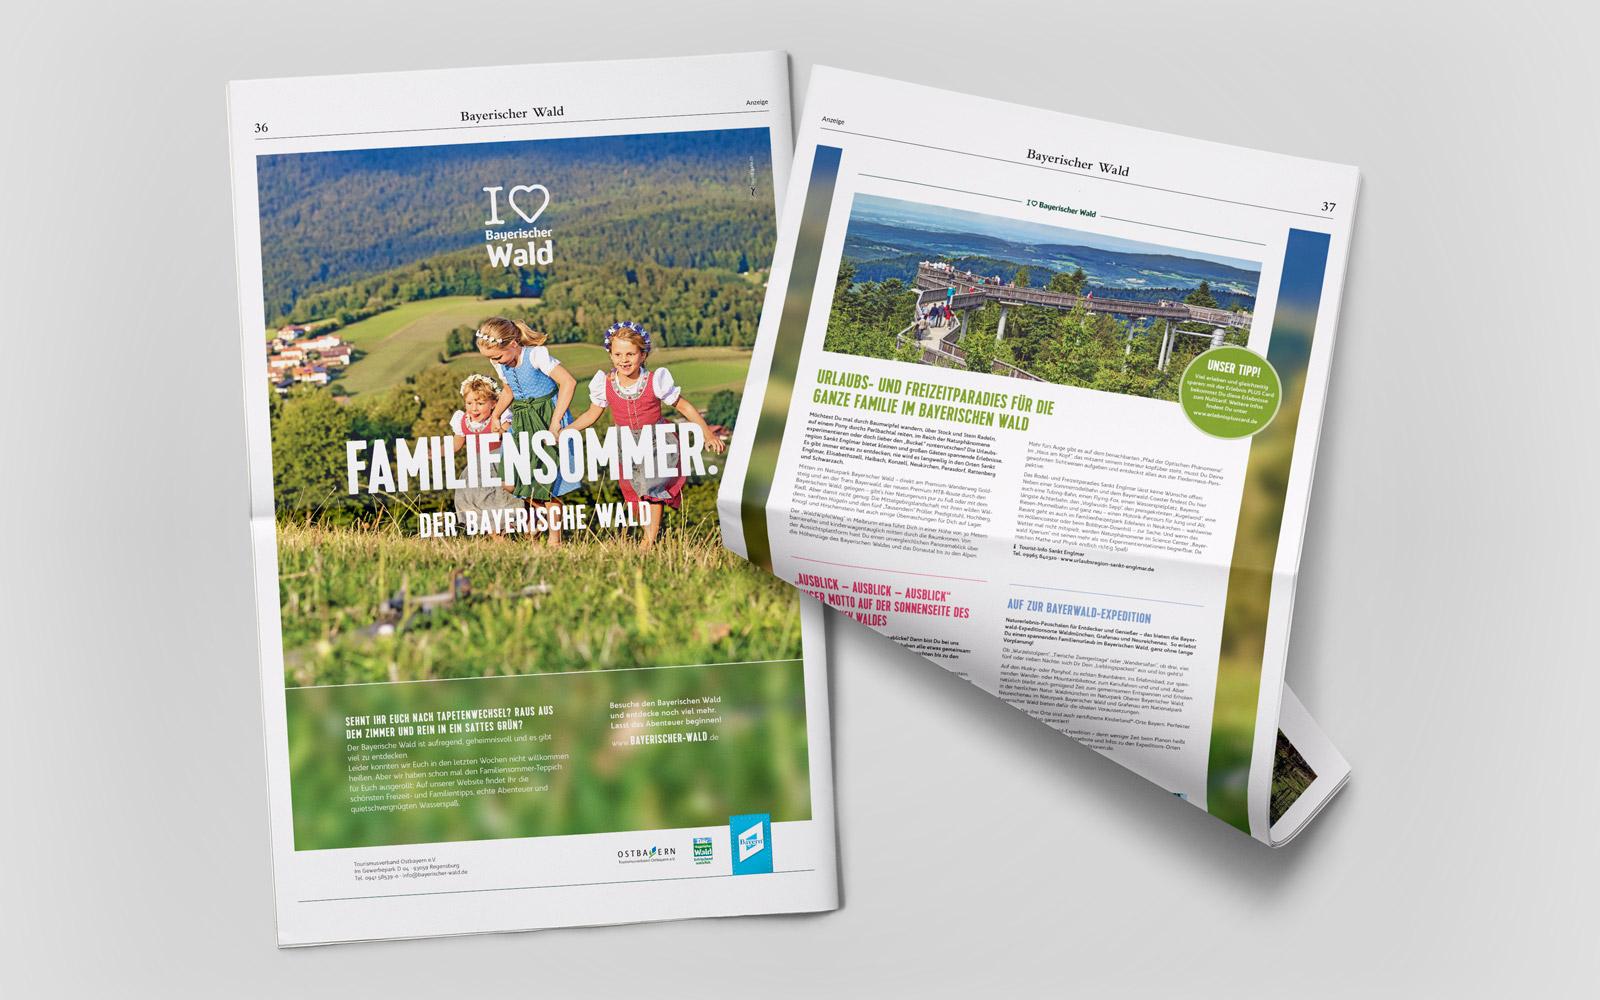 Imagekampagne »I love Bayerische Wald« – Zweiseitige Zeitungsanzeige »Familiensommer«